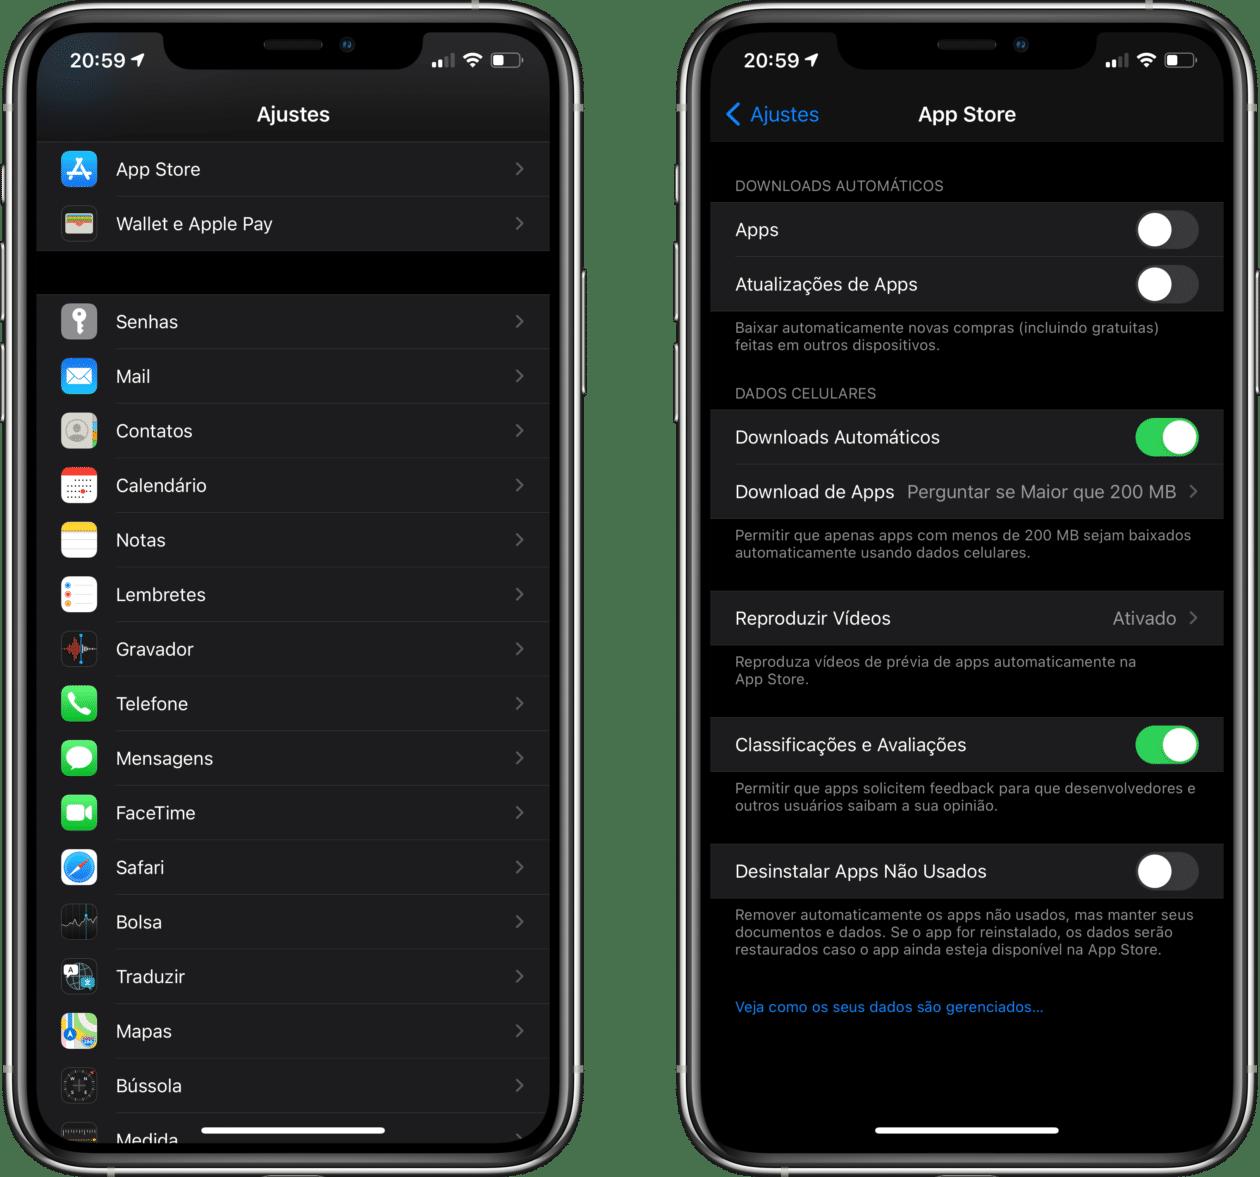 Download automático de apps no iPhone